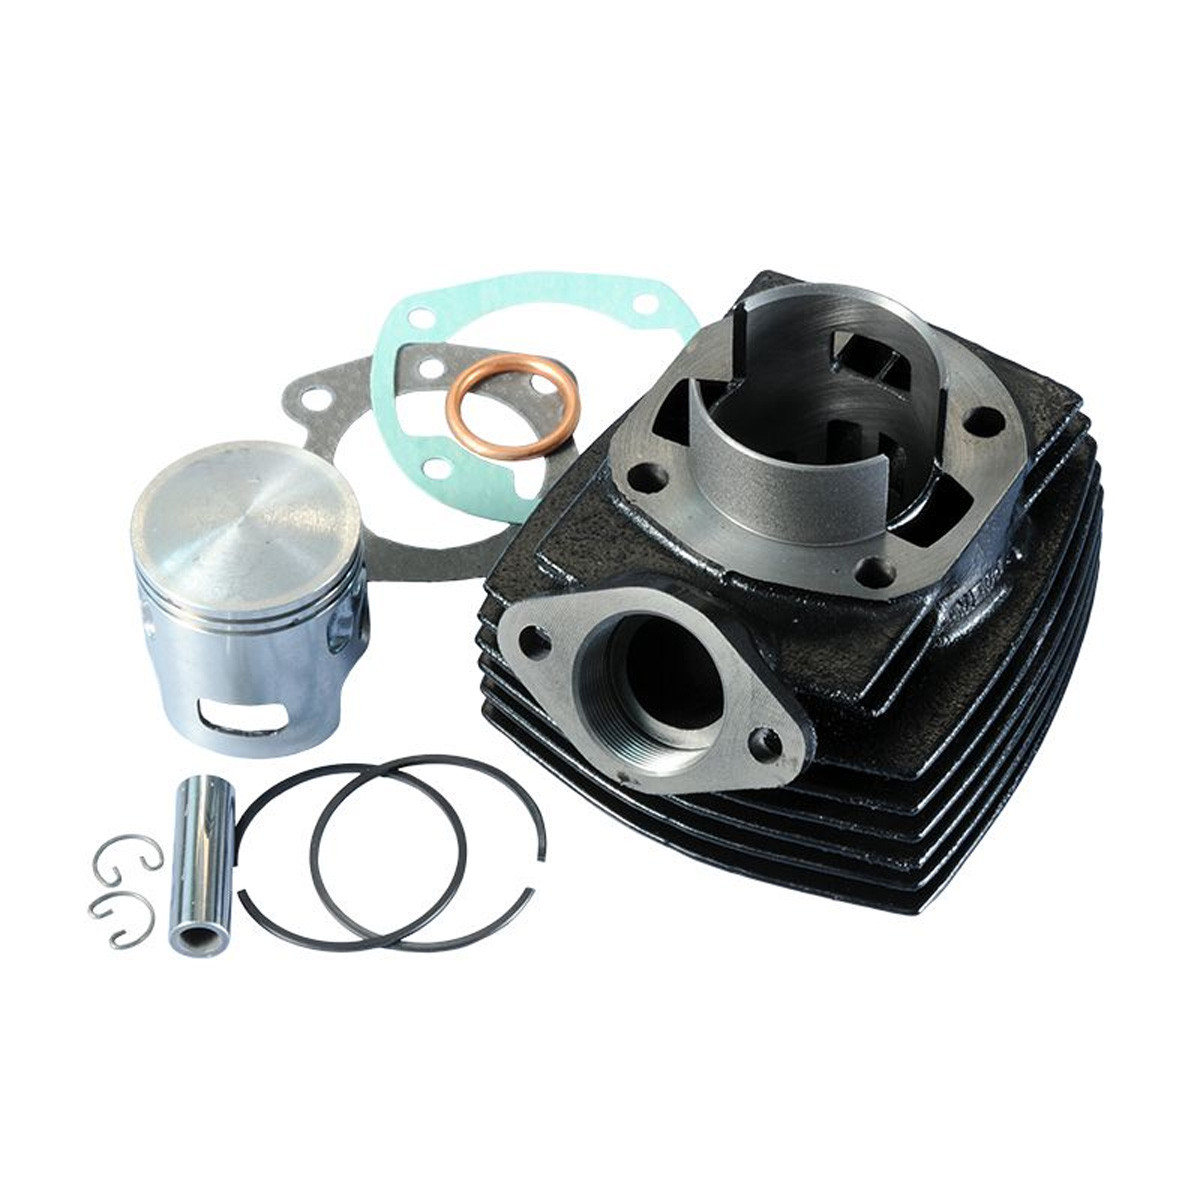 Cylindre PEUGEOT 103 70cc - POLINI Fonte